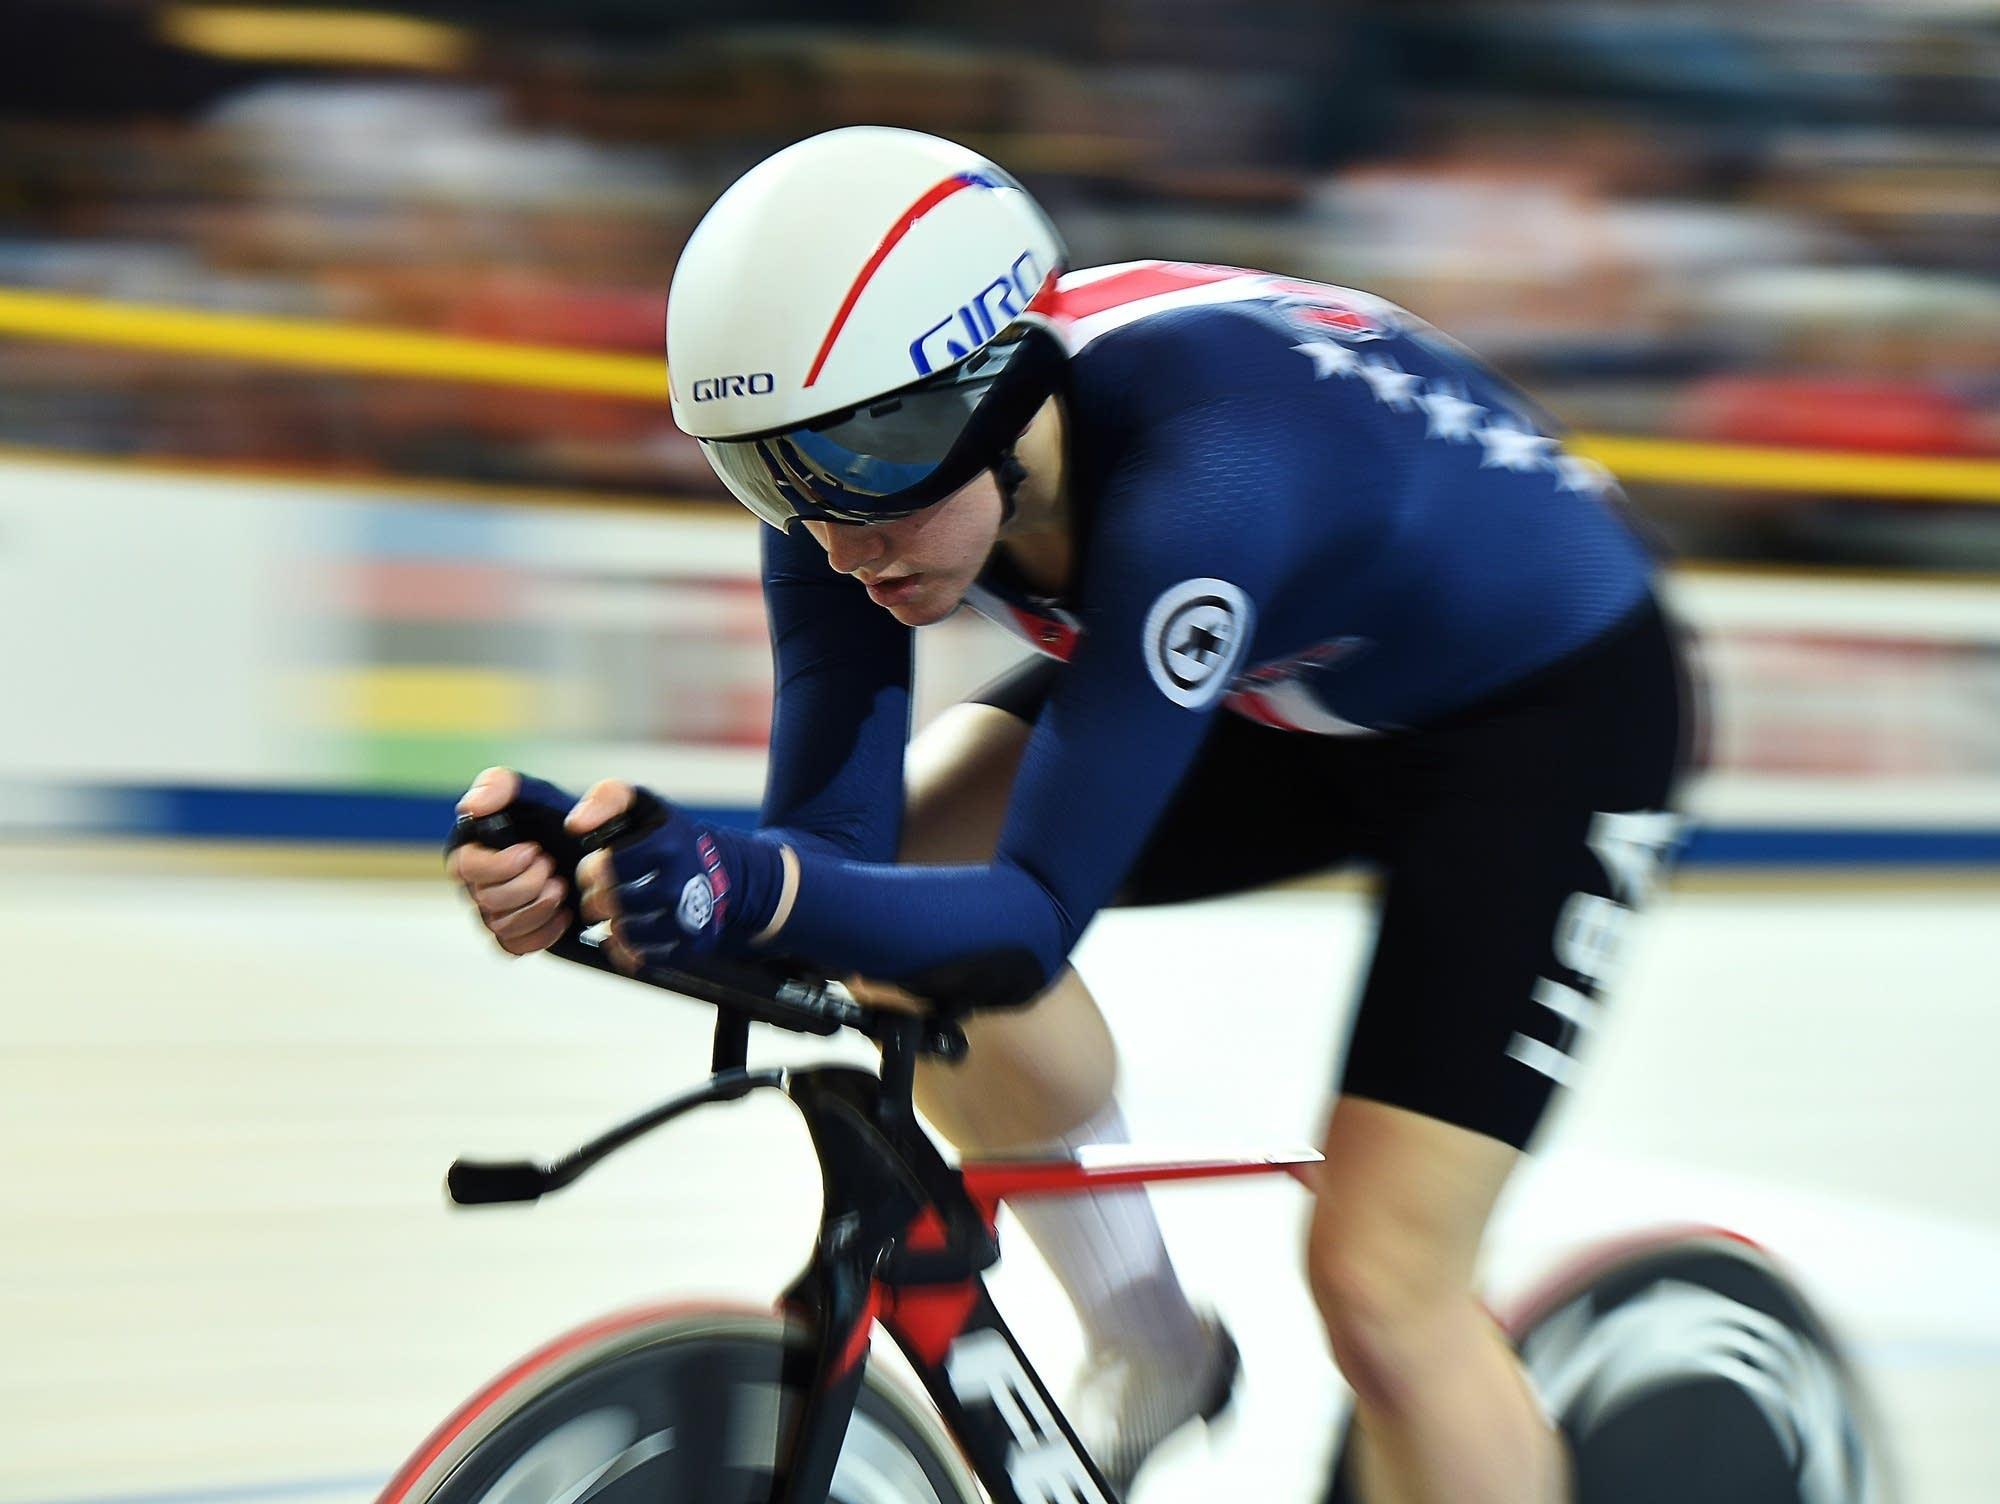 American cyclist Kelly Catlin